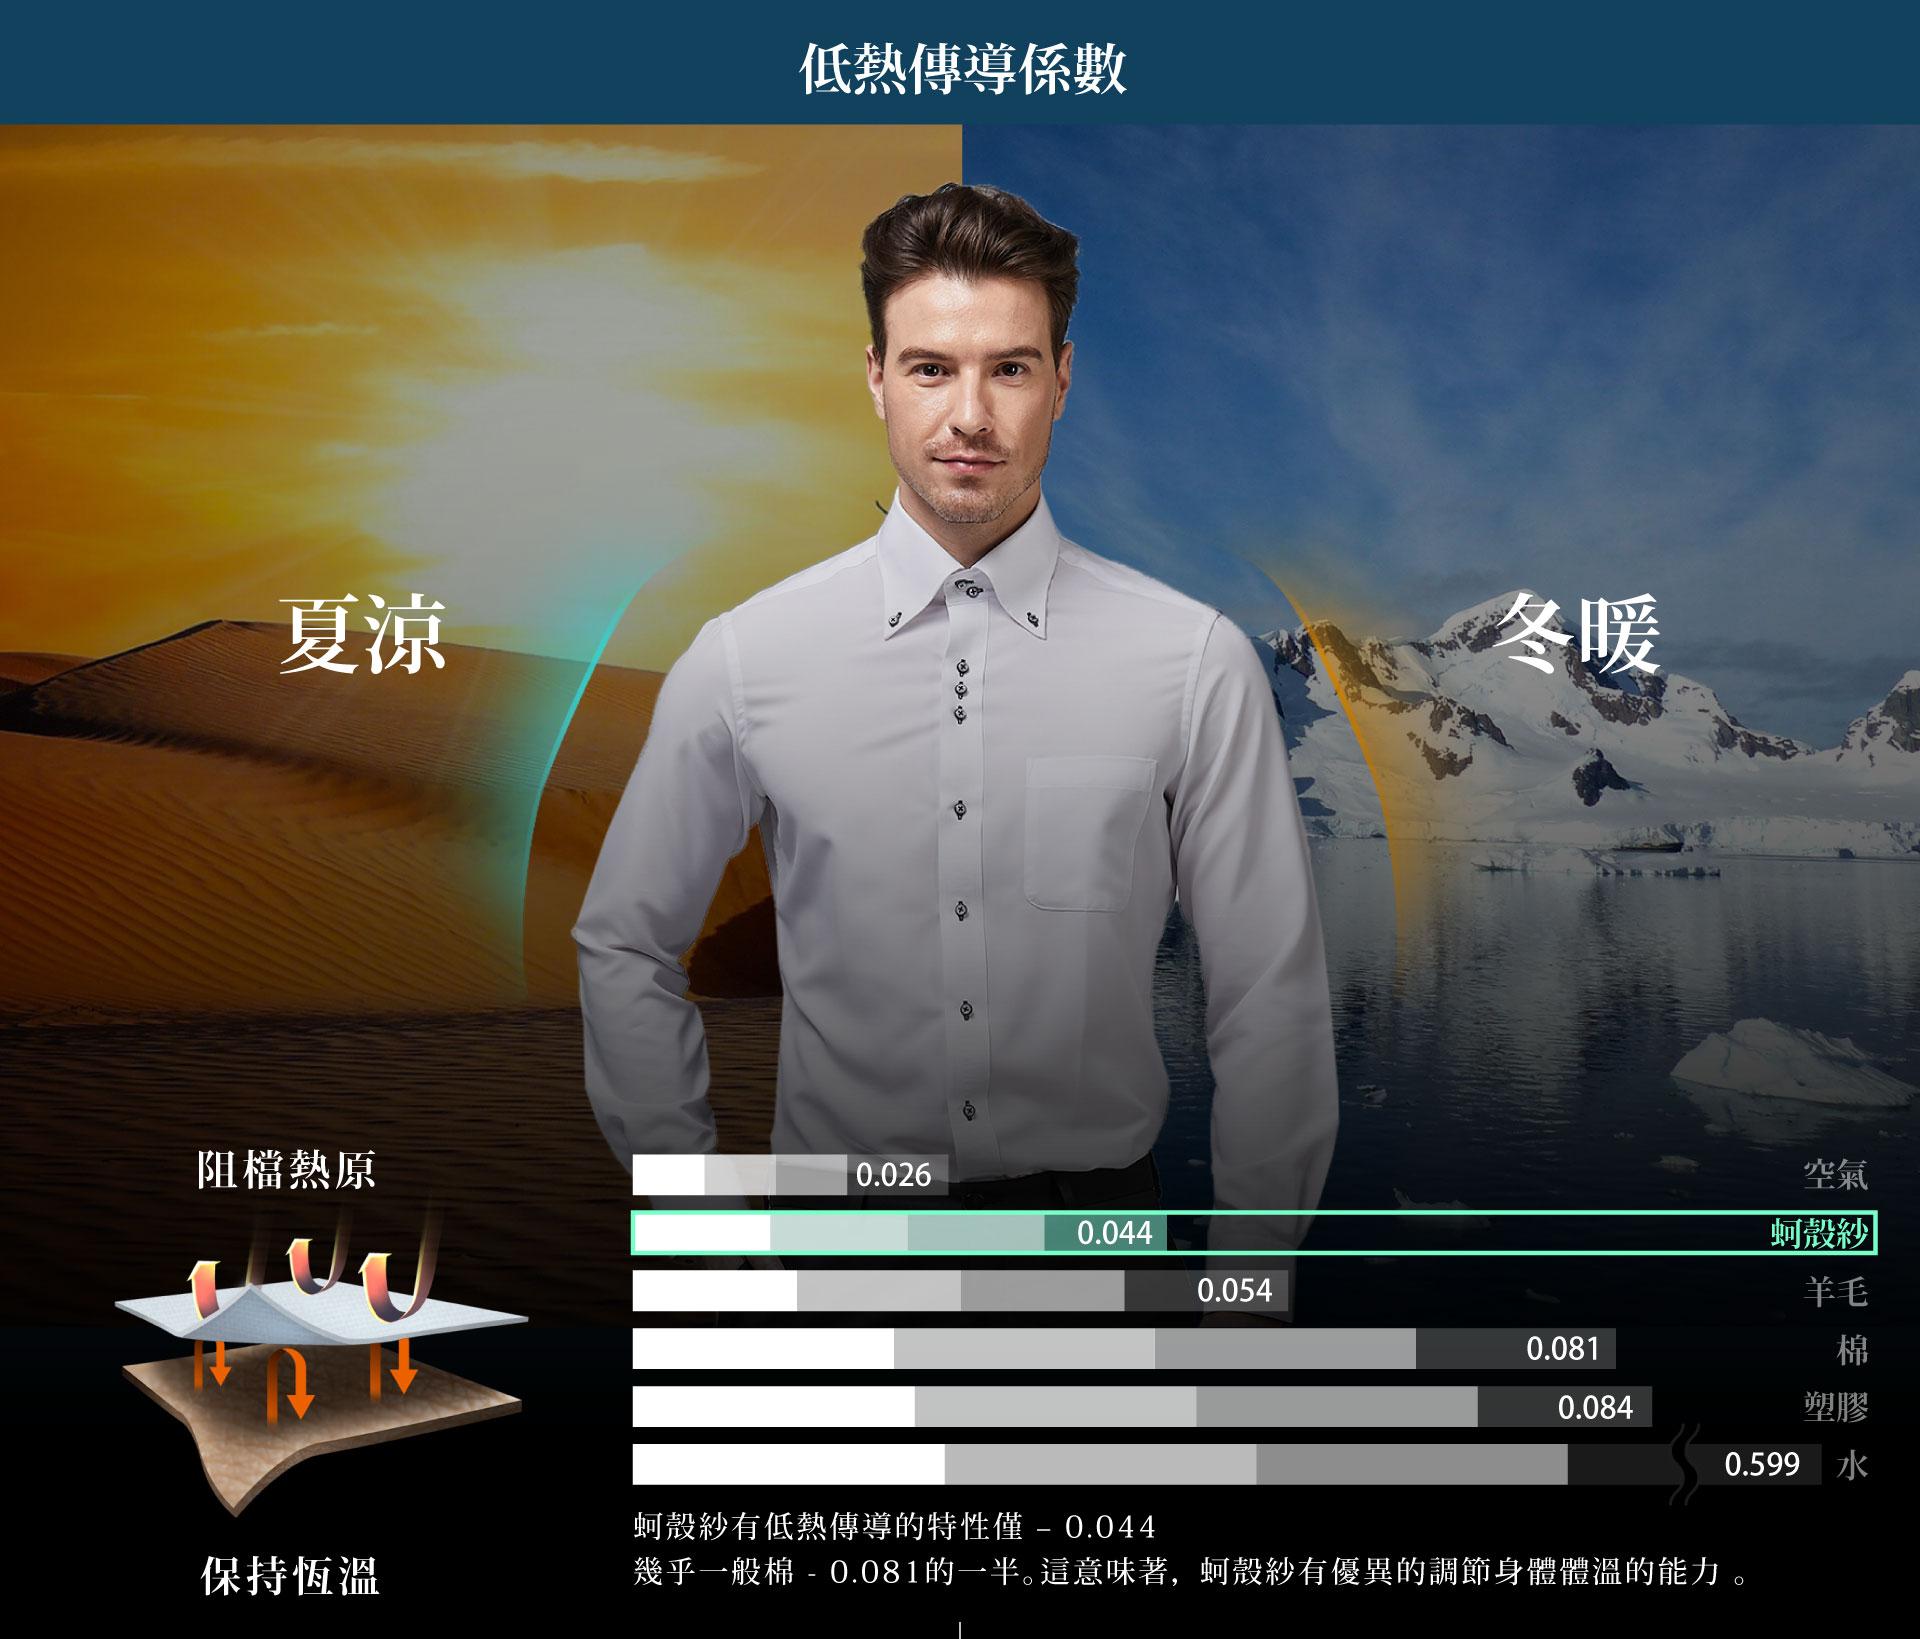 衣十五商務襯衫的科技布料「蚵殼紗」具有冬暖夏涼的特性,調節身體溫度有優異的效果。